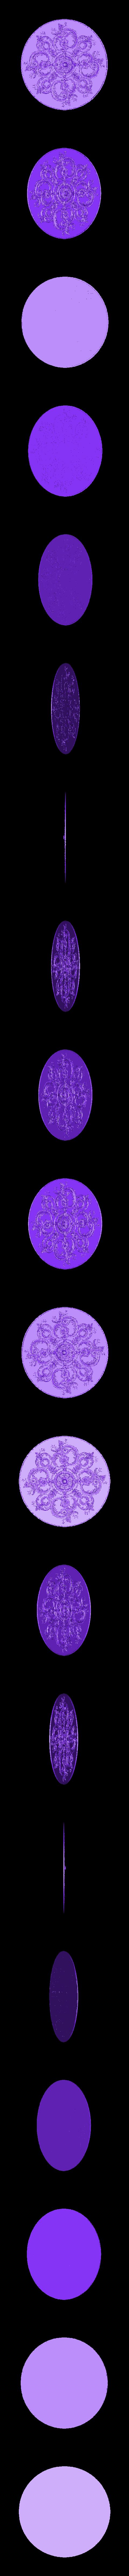 49.OBJ Télécharger fichier OBJ gratuit Moulures vintage pour vieux appartements classiques cnc art machine à router 3D printed • Modèle à imprimer en 3D, 3DPrinterFiles